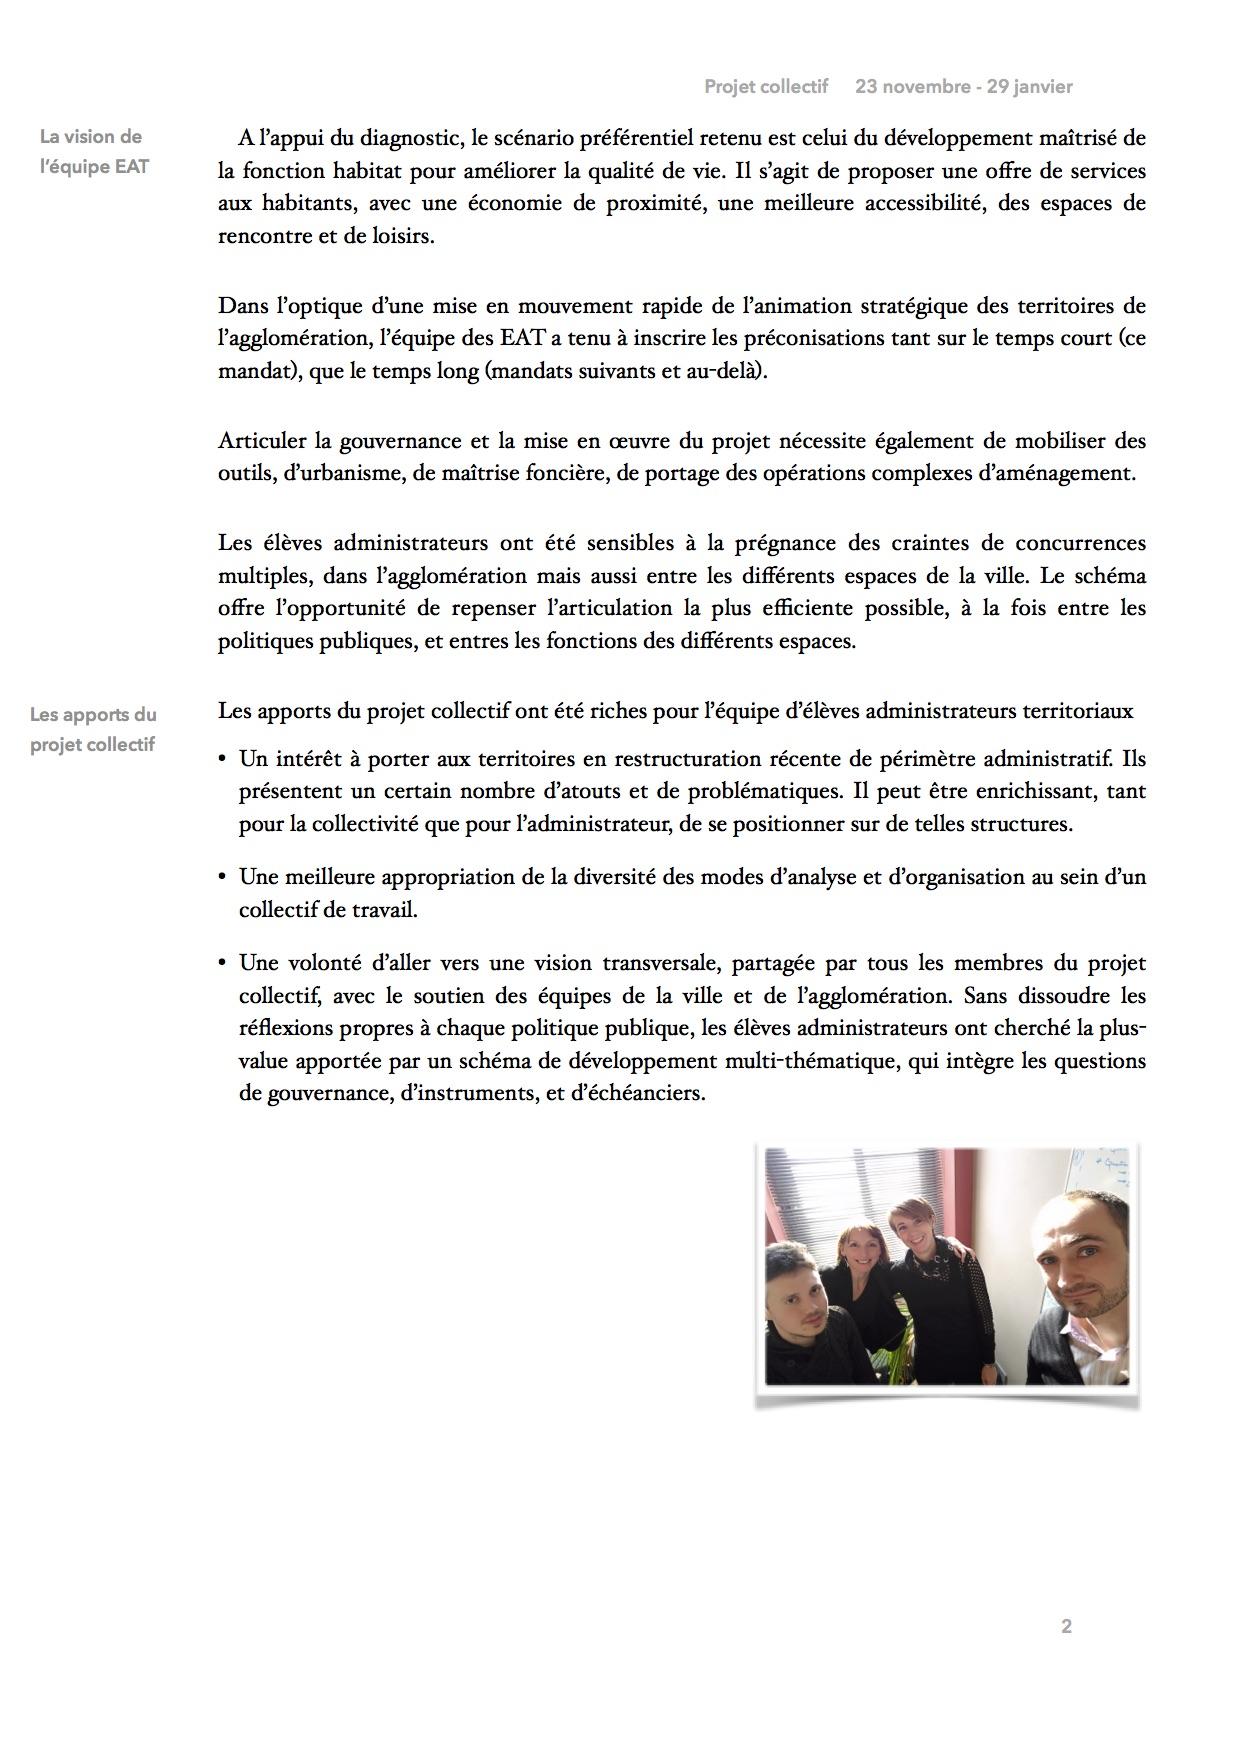 Article PCO - Roman page 2